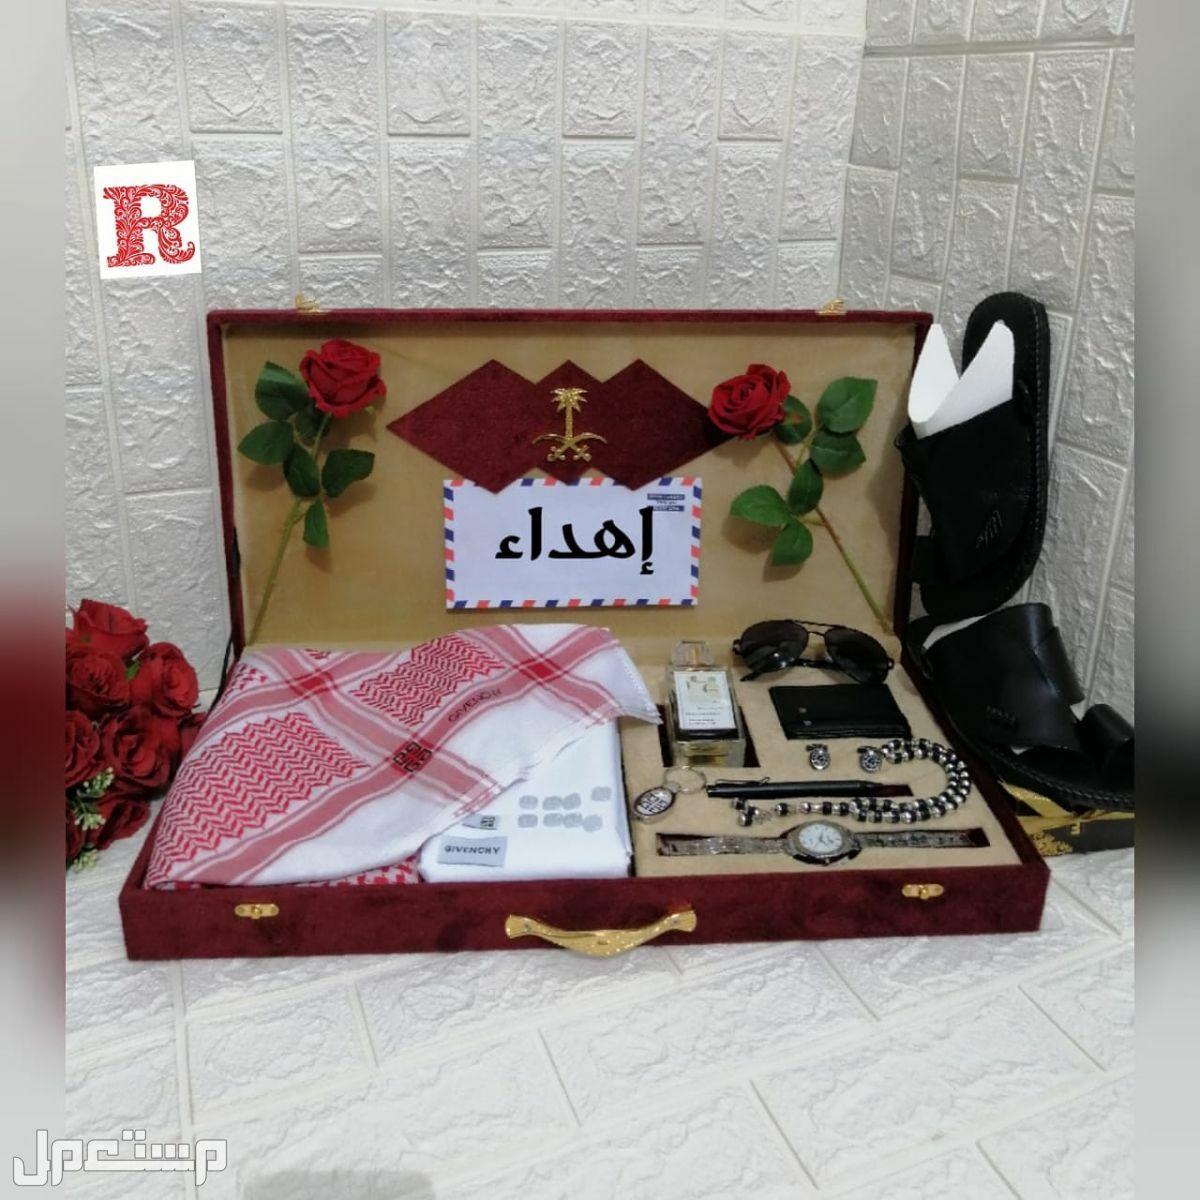 افخر الهدايا الرجاليه الملكيه بكسات اقمشه ماركات مختلفه اختيار حسب الطلب